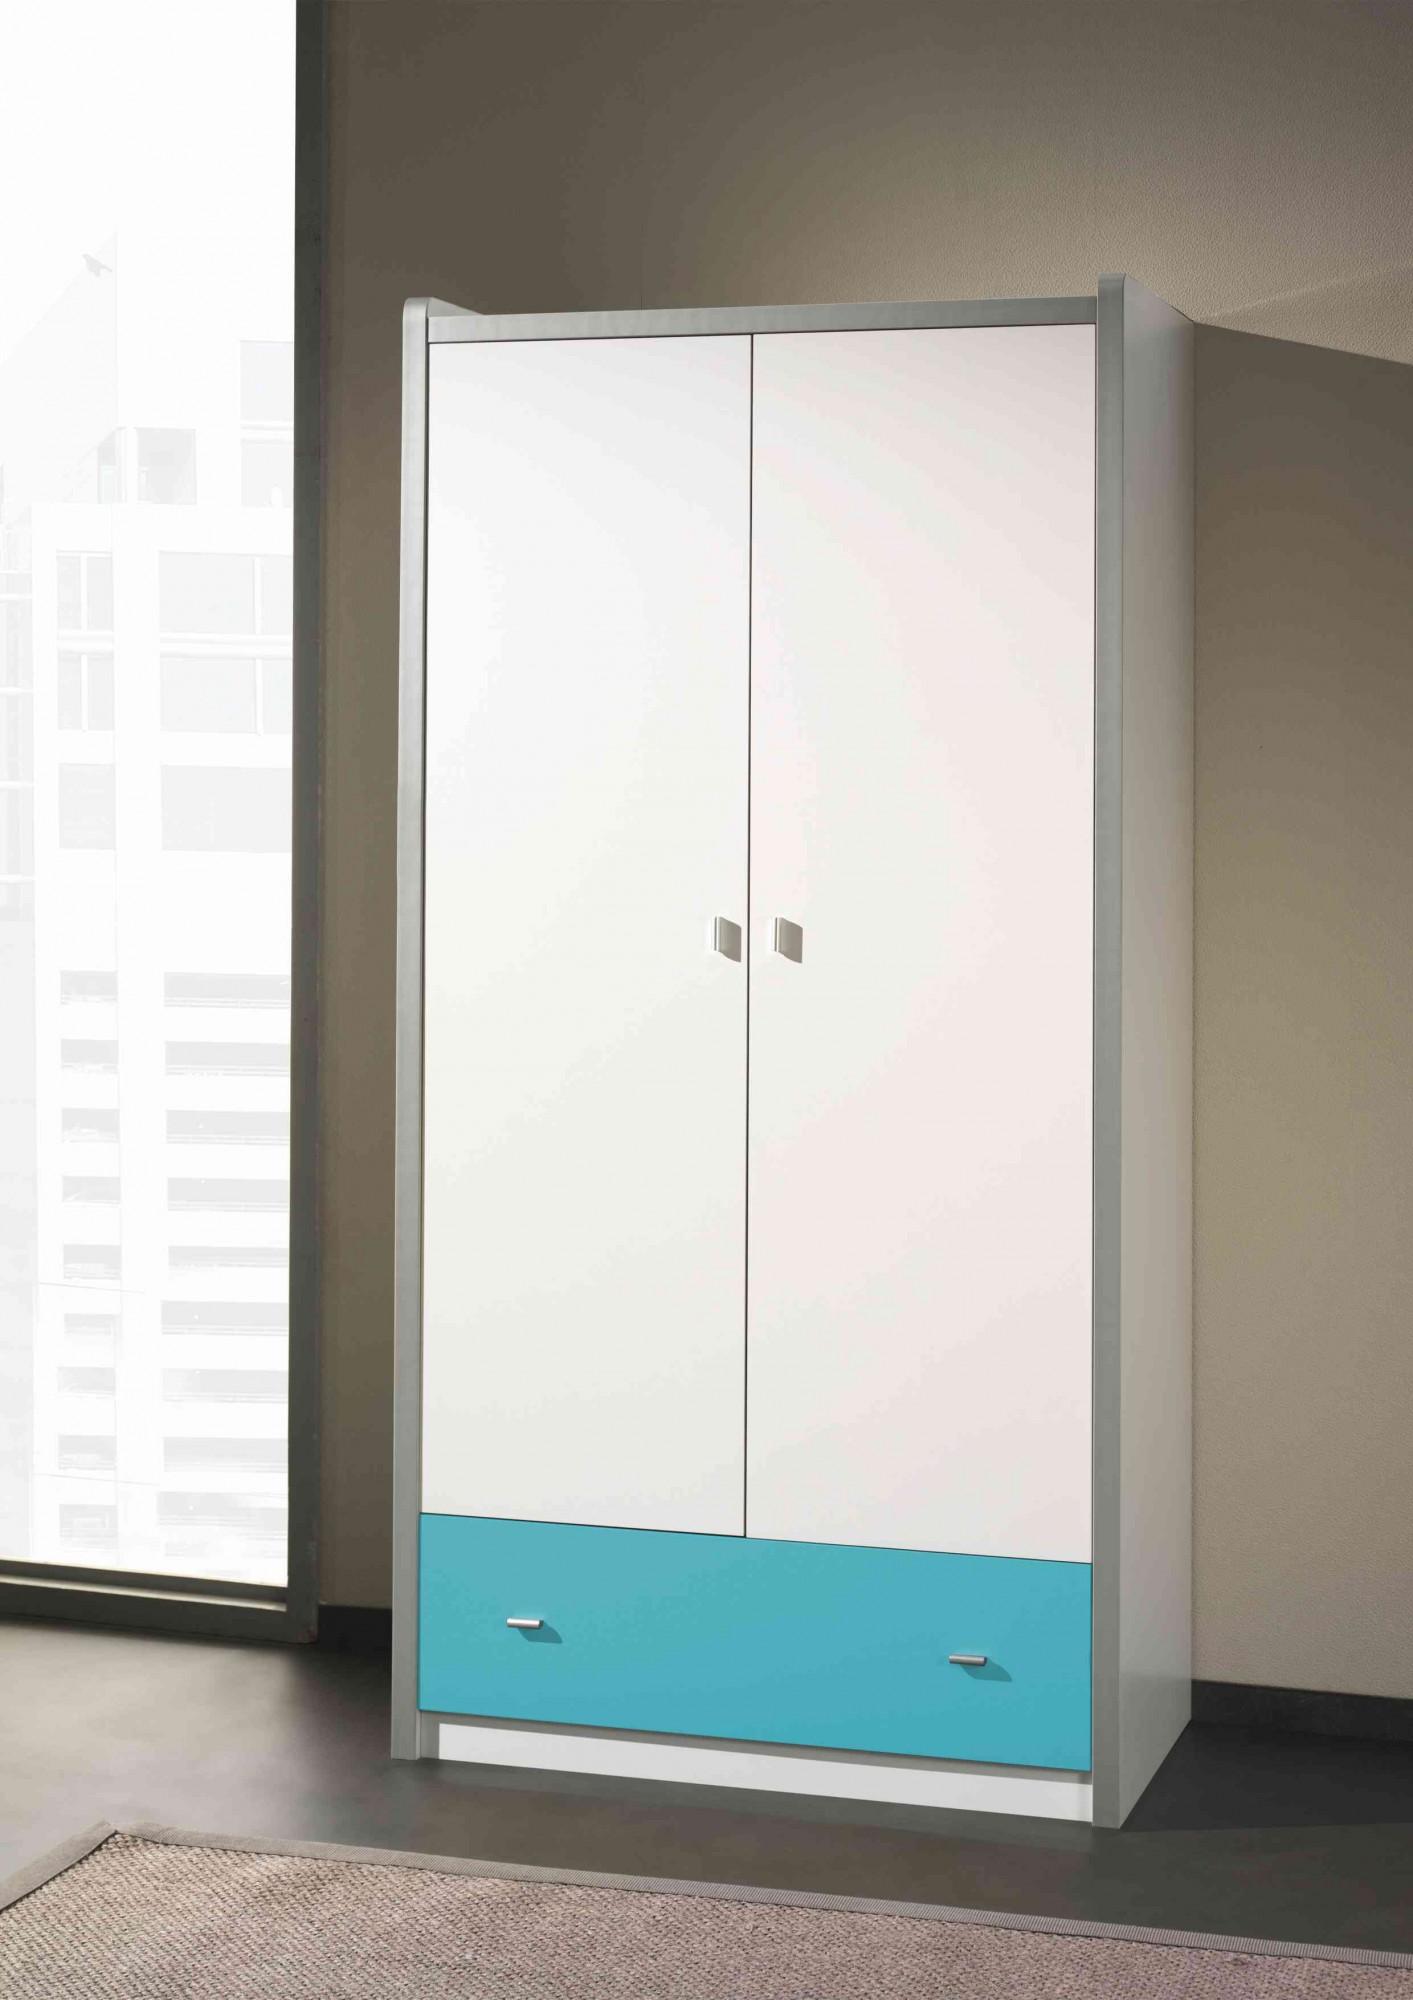 kleiderschrank bonny 2 t rig wei t rkis kinder jugendzimmer. Black Bedroom Furniture Sets. Home Design Ideas